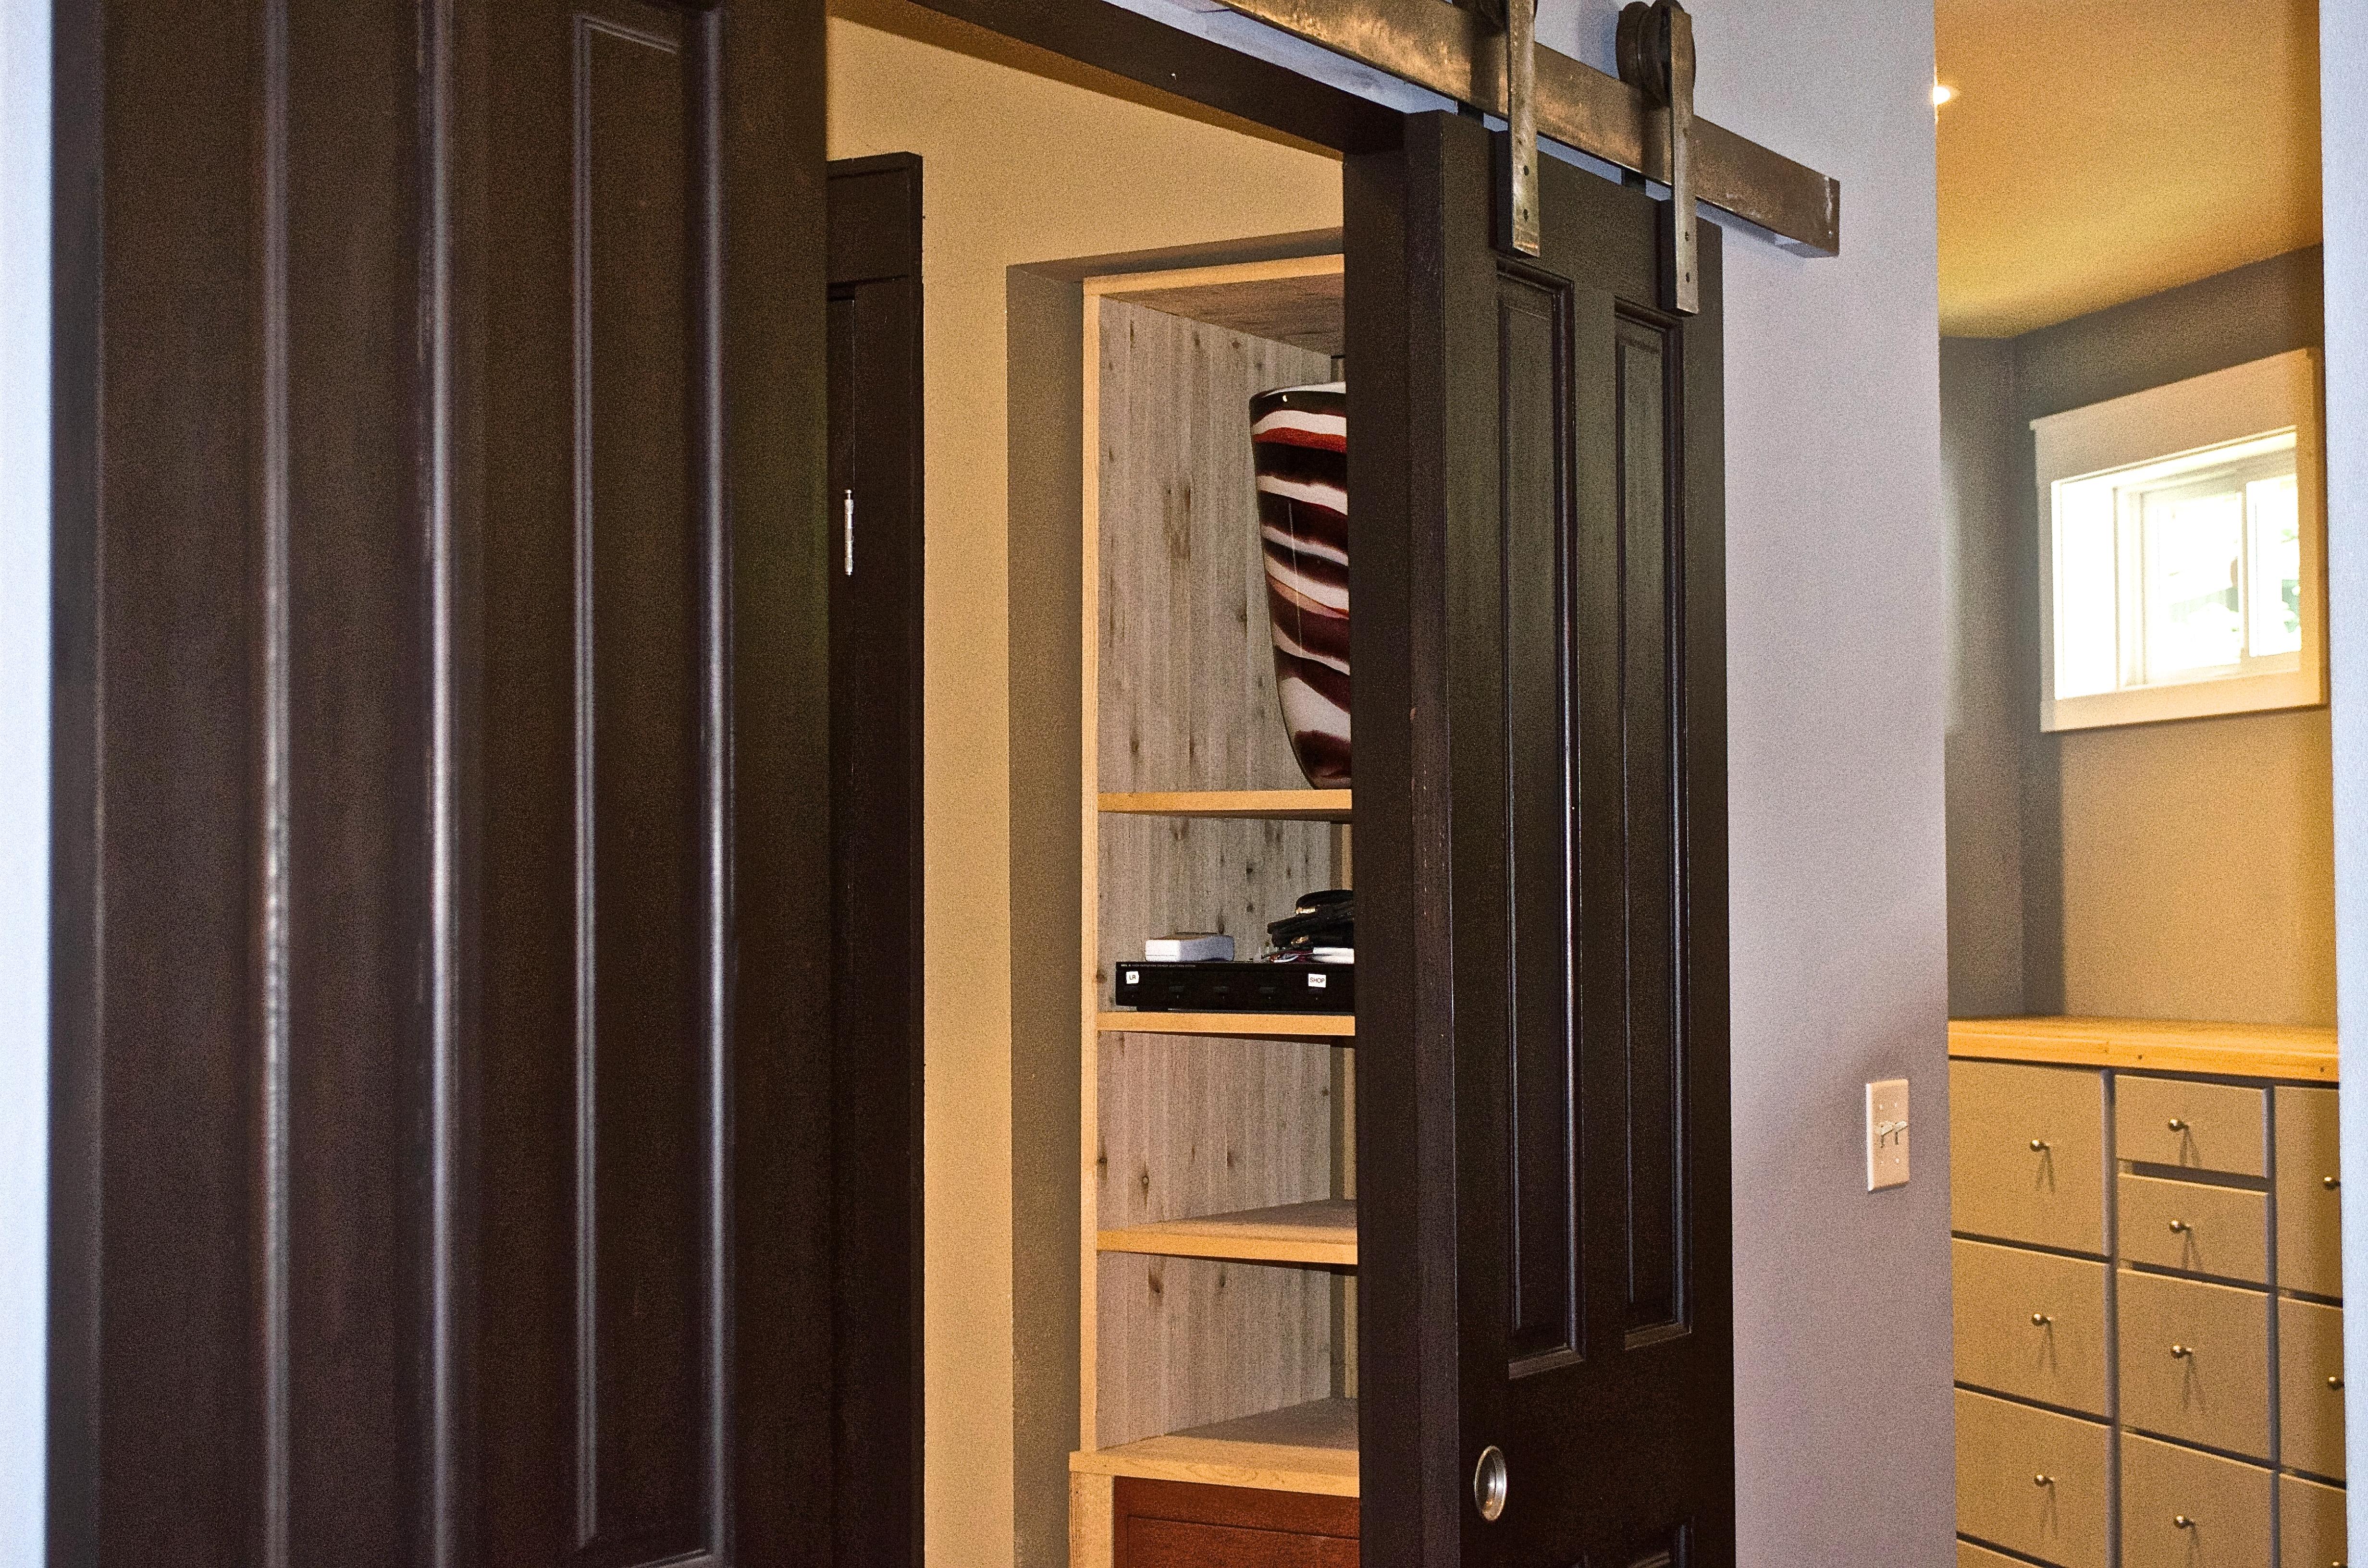 Barn Doors to Master Suite